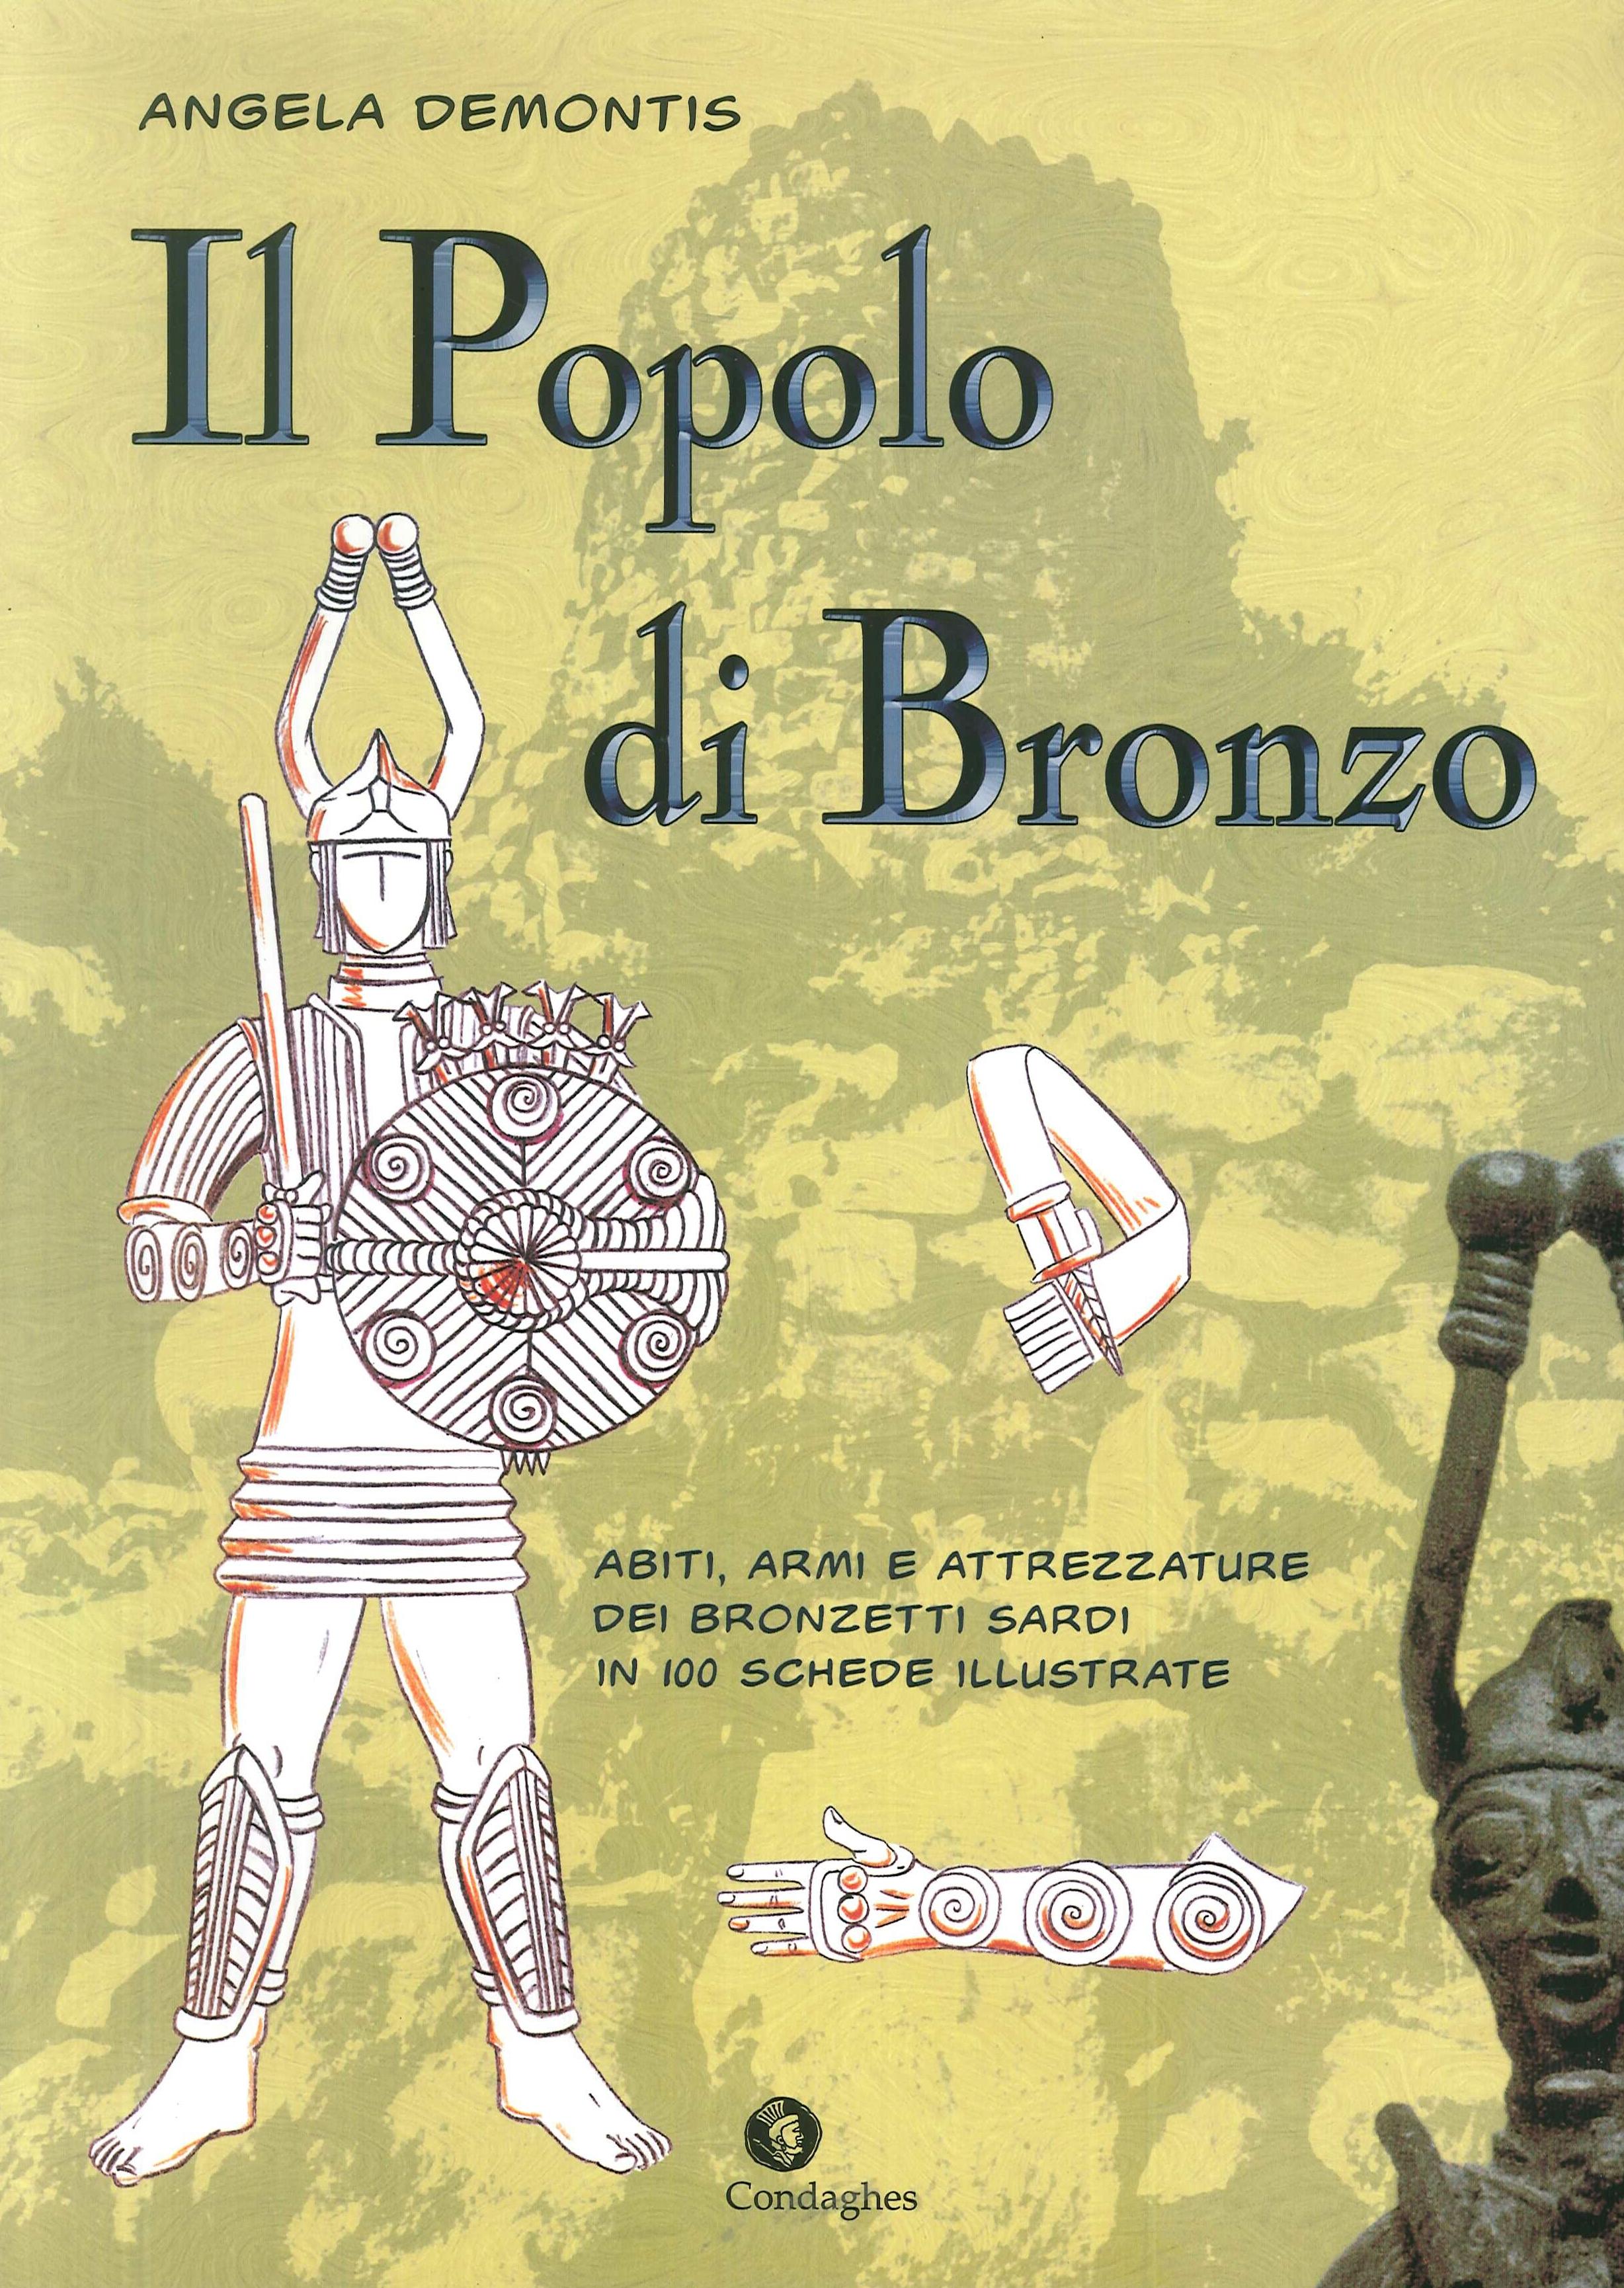 Il popolo di bronzo. Abiti, armi e attrezzature dei bronzetti sardi in 100 schede illustrate.